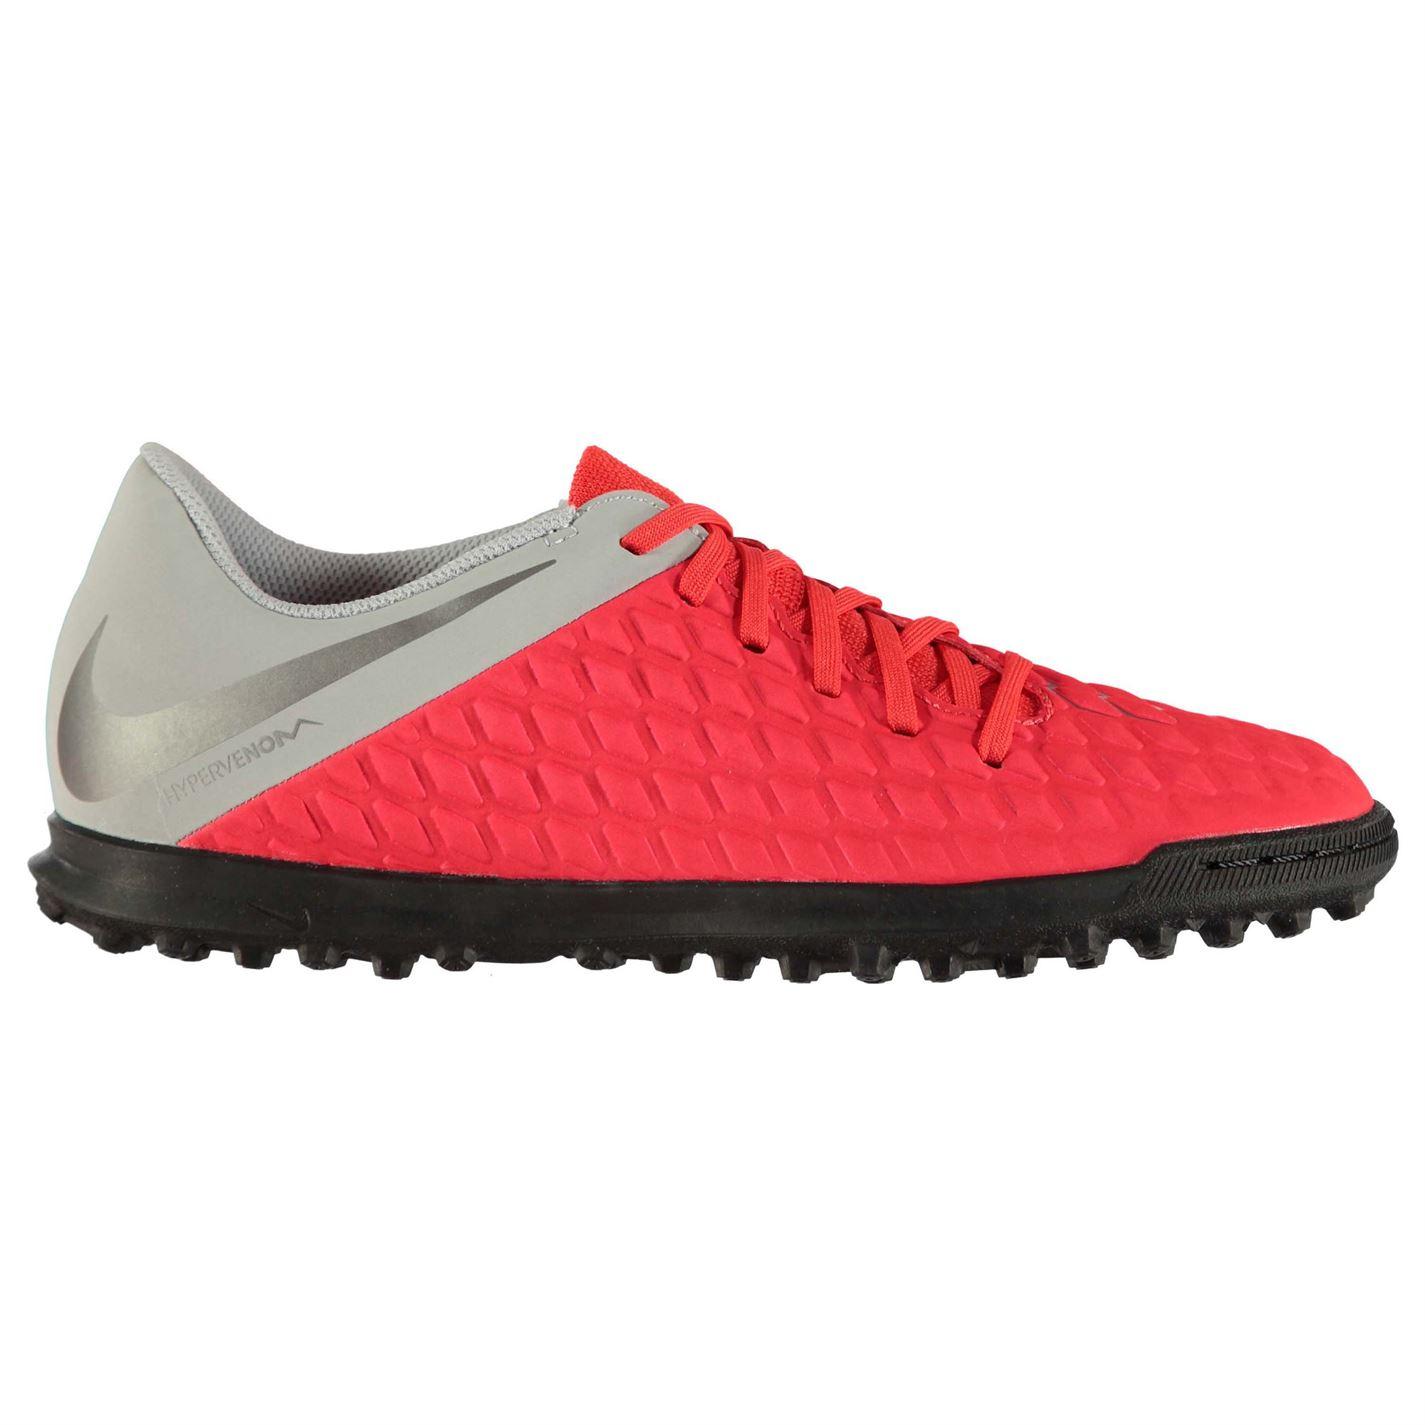 Nike Hypervenom 3 Club pánske Astro Turf futbalové topánky